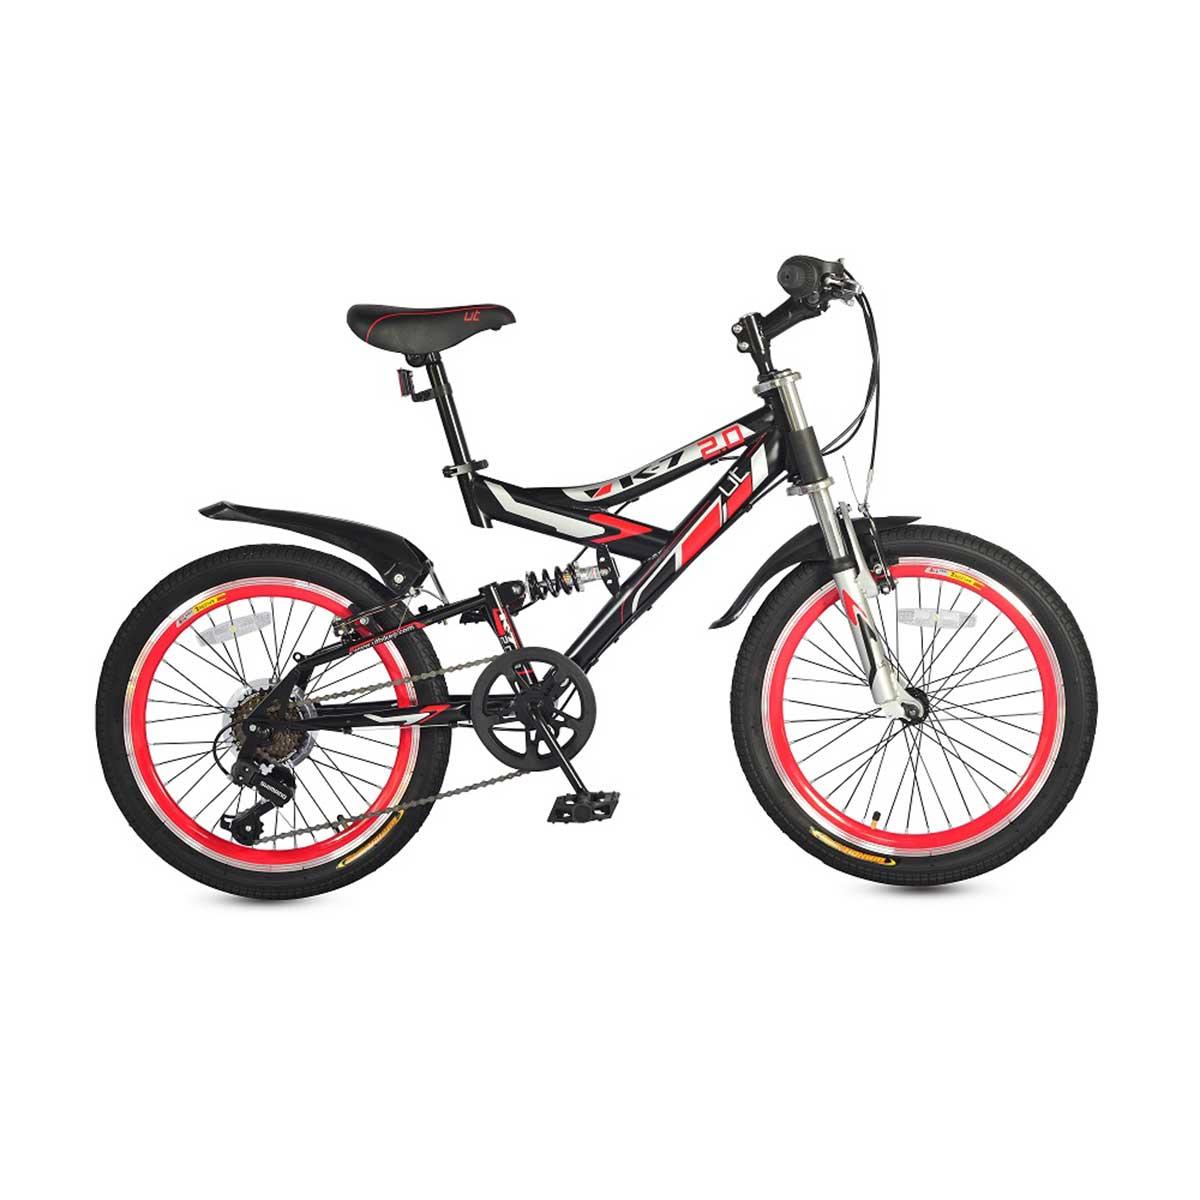 Buy Ut K7 Kids Bike Online India Ut Bikes